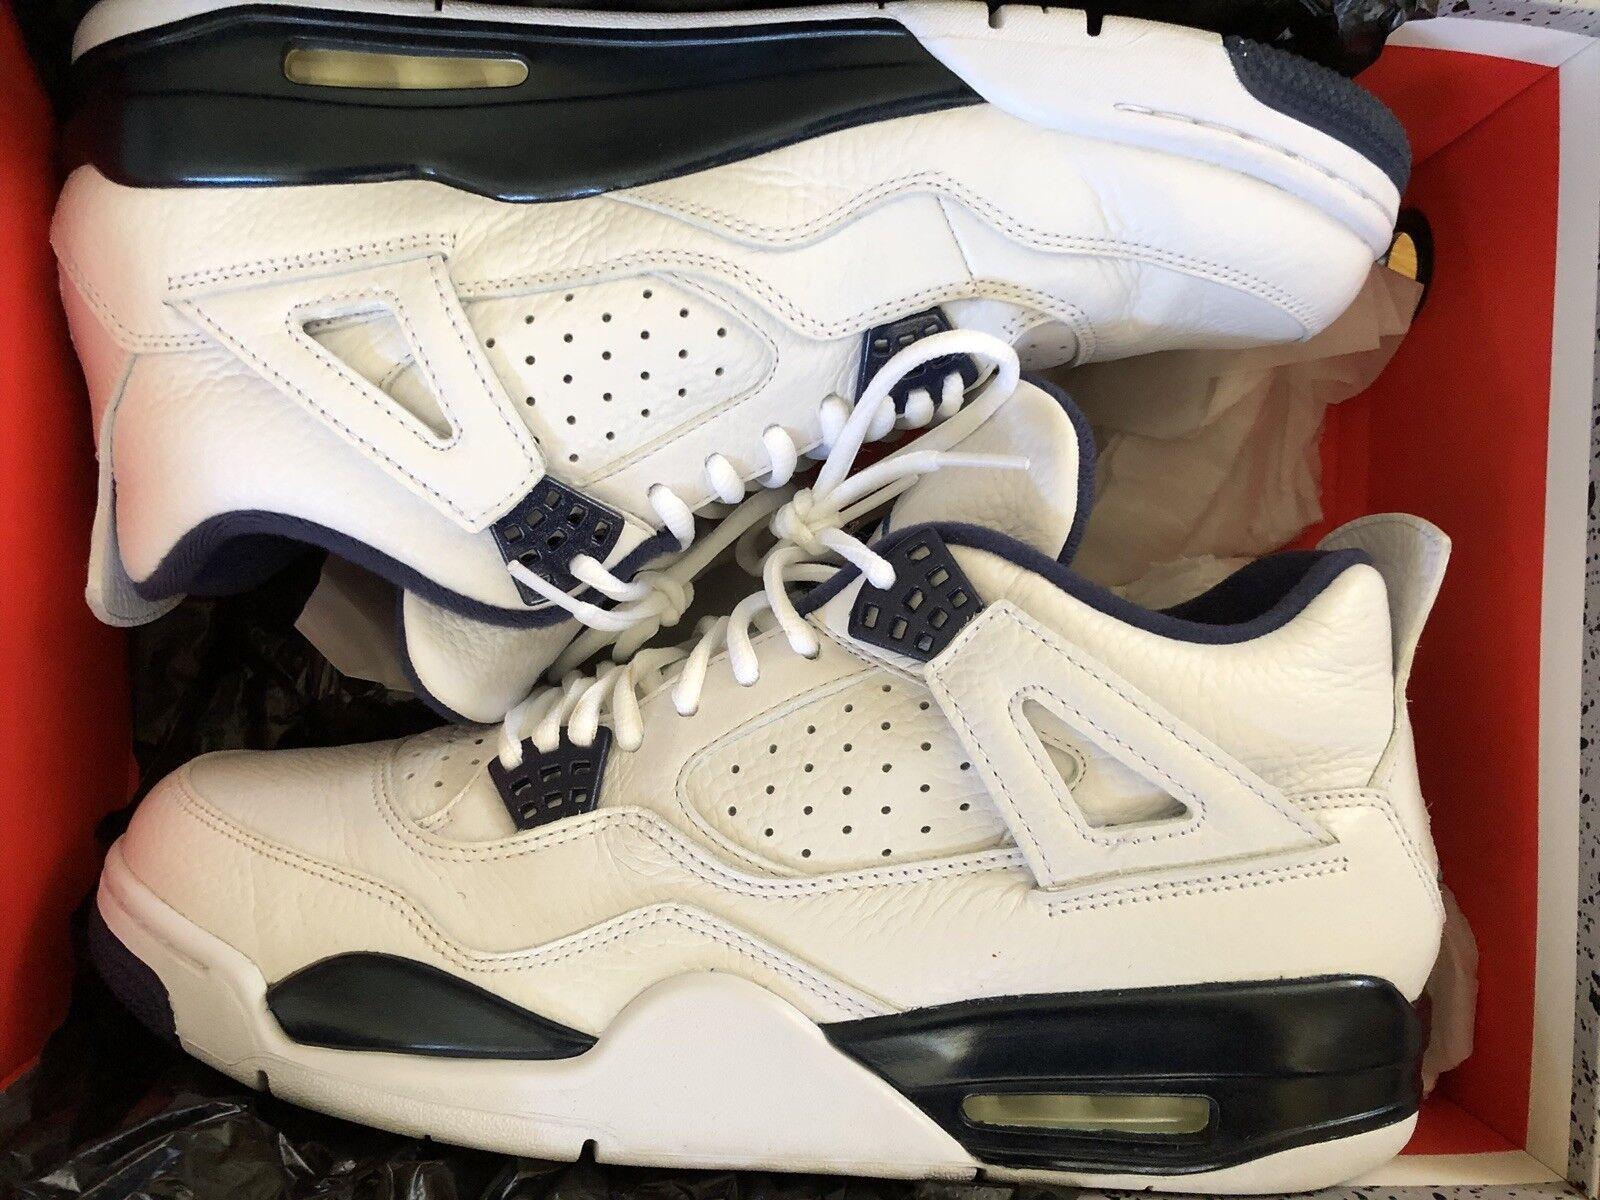 2c8c6ad0c26 Retro 4 Columbia Size 12 Air Jordan nxpdai2900-Athletic Shoes